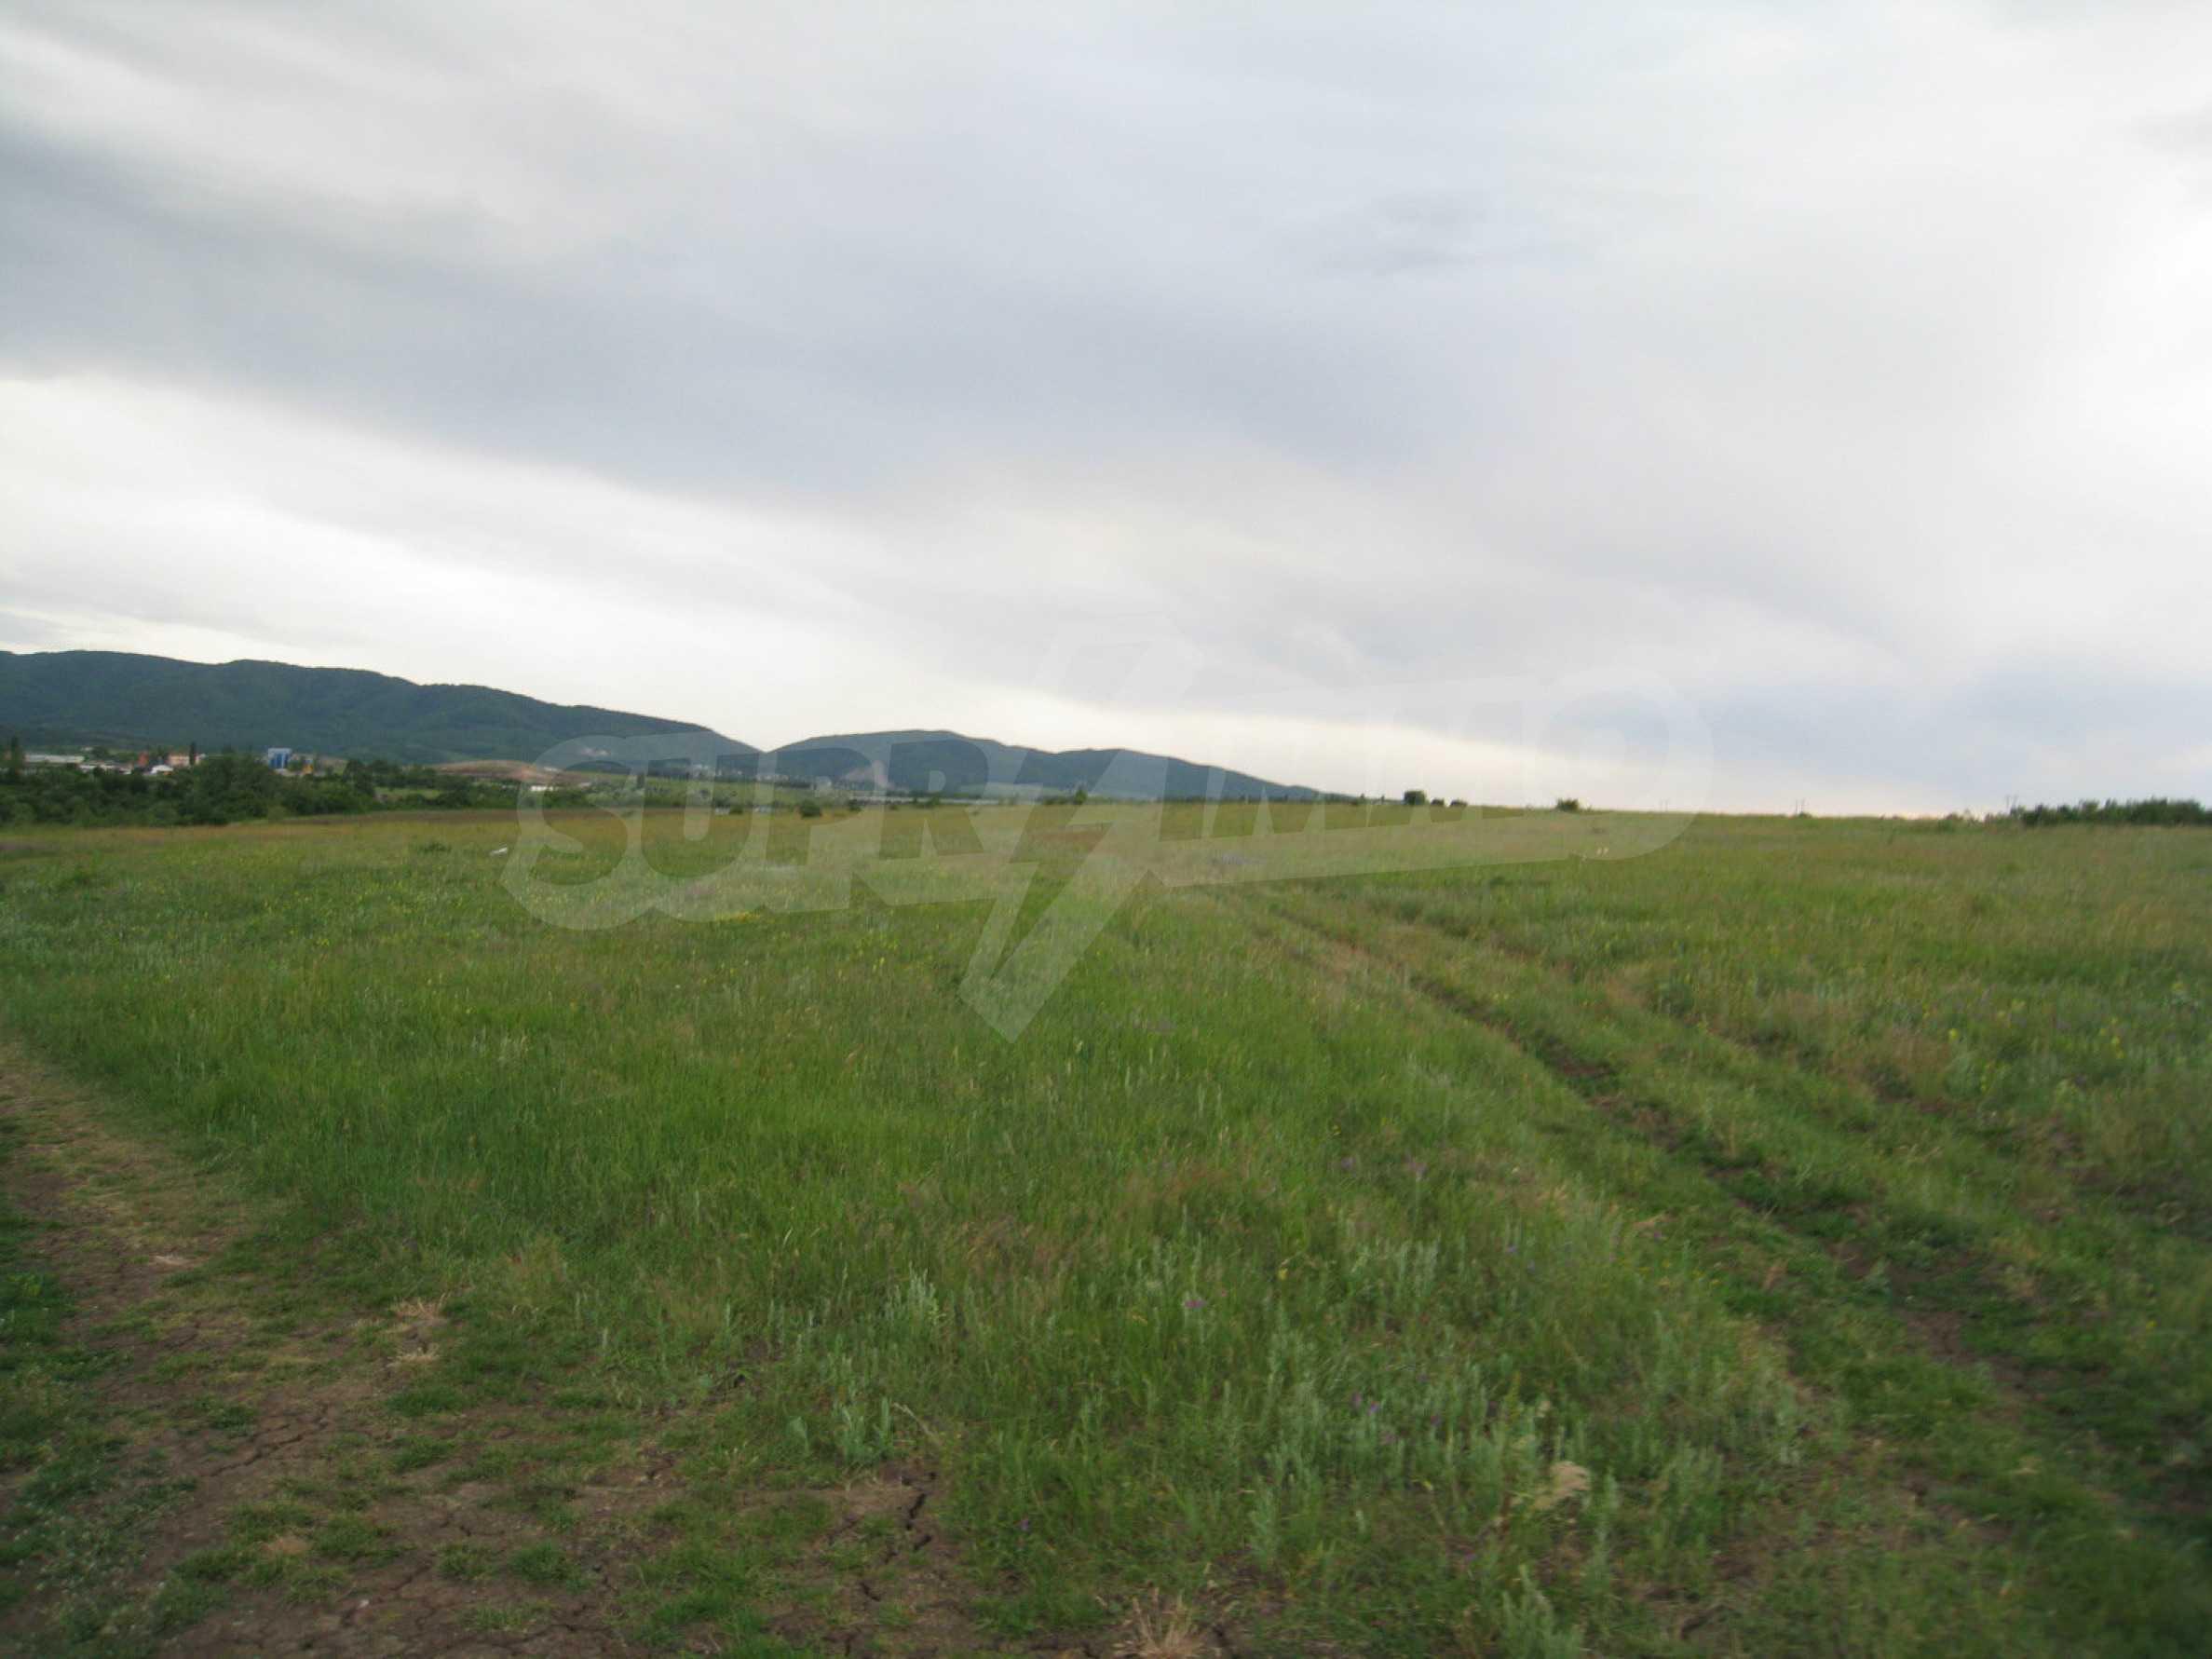 Ackerland in der Nähe eines Sees in Suhodol 25